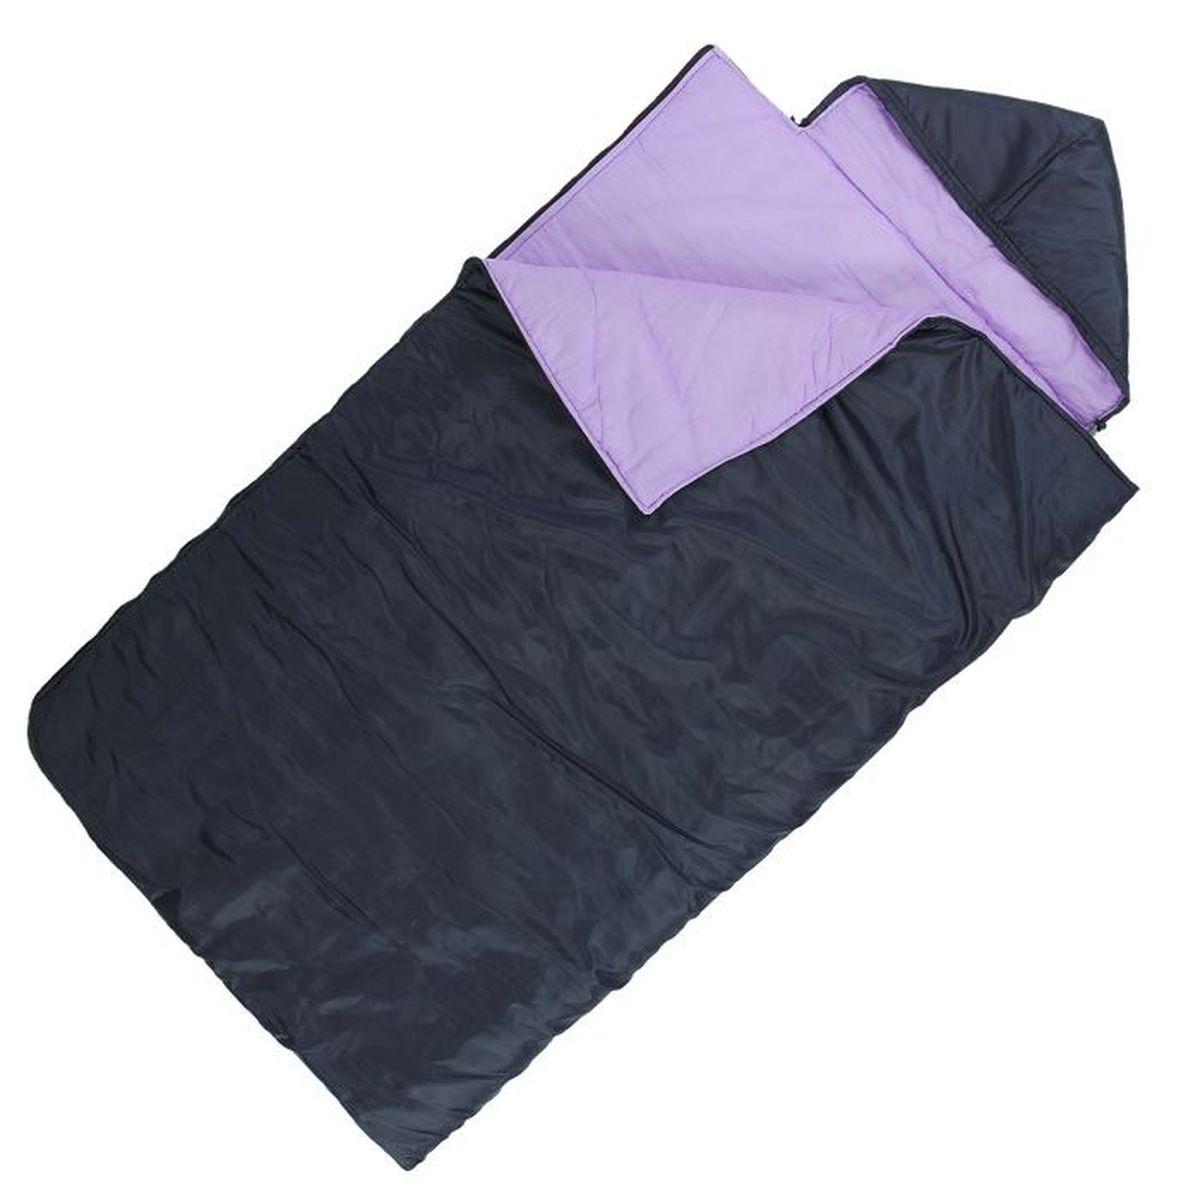 Спальный мешок Onlitop Престиж, увеличенный, цвет: черный, фиолетовый, правосторонняя молния. 1009081 спальный мешок onlitop престиж цвет черный бежевый правосторонняя молния 1344029